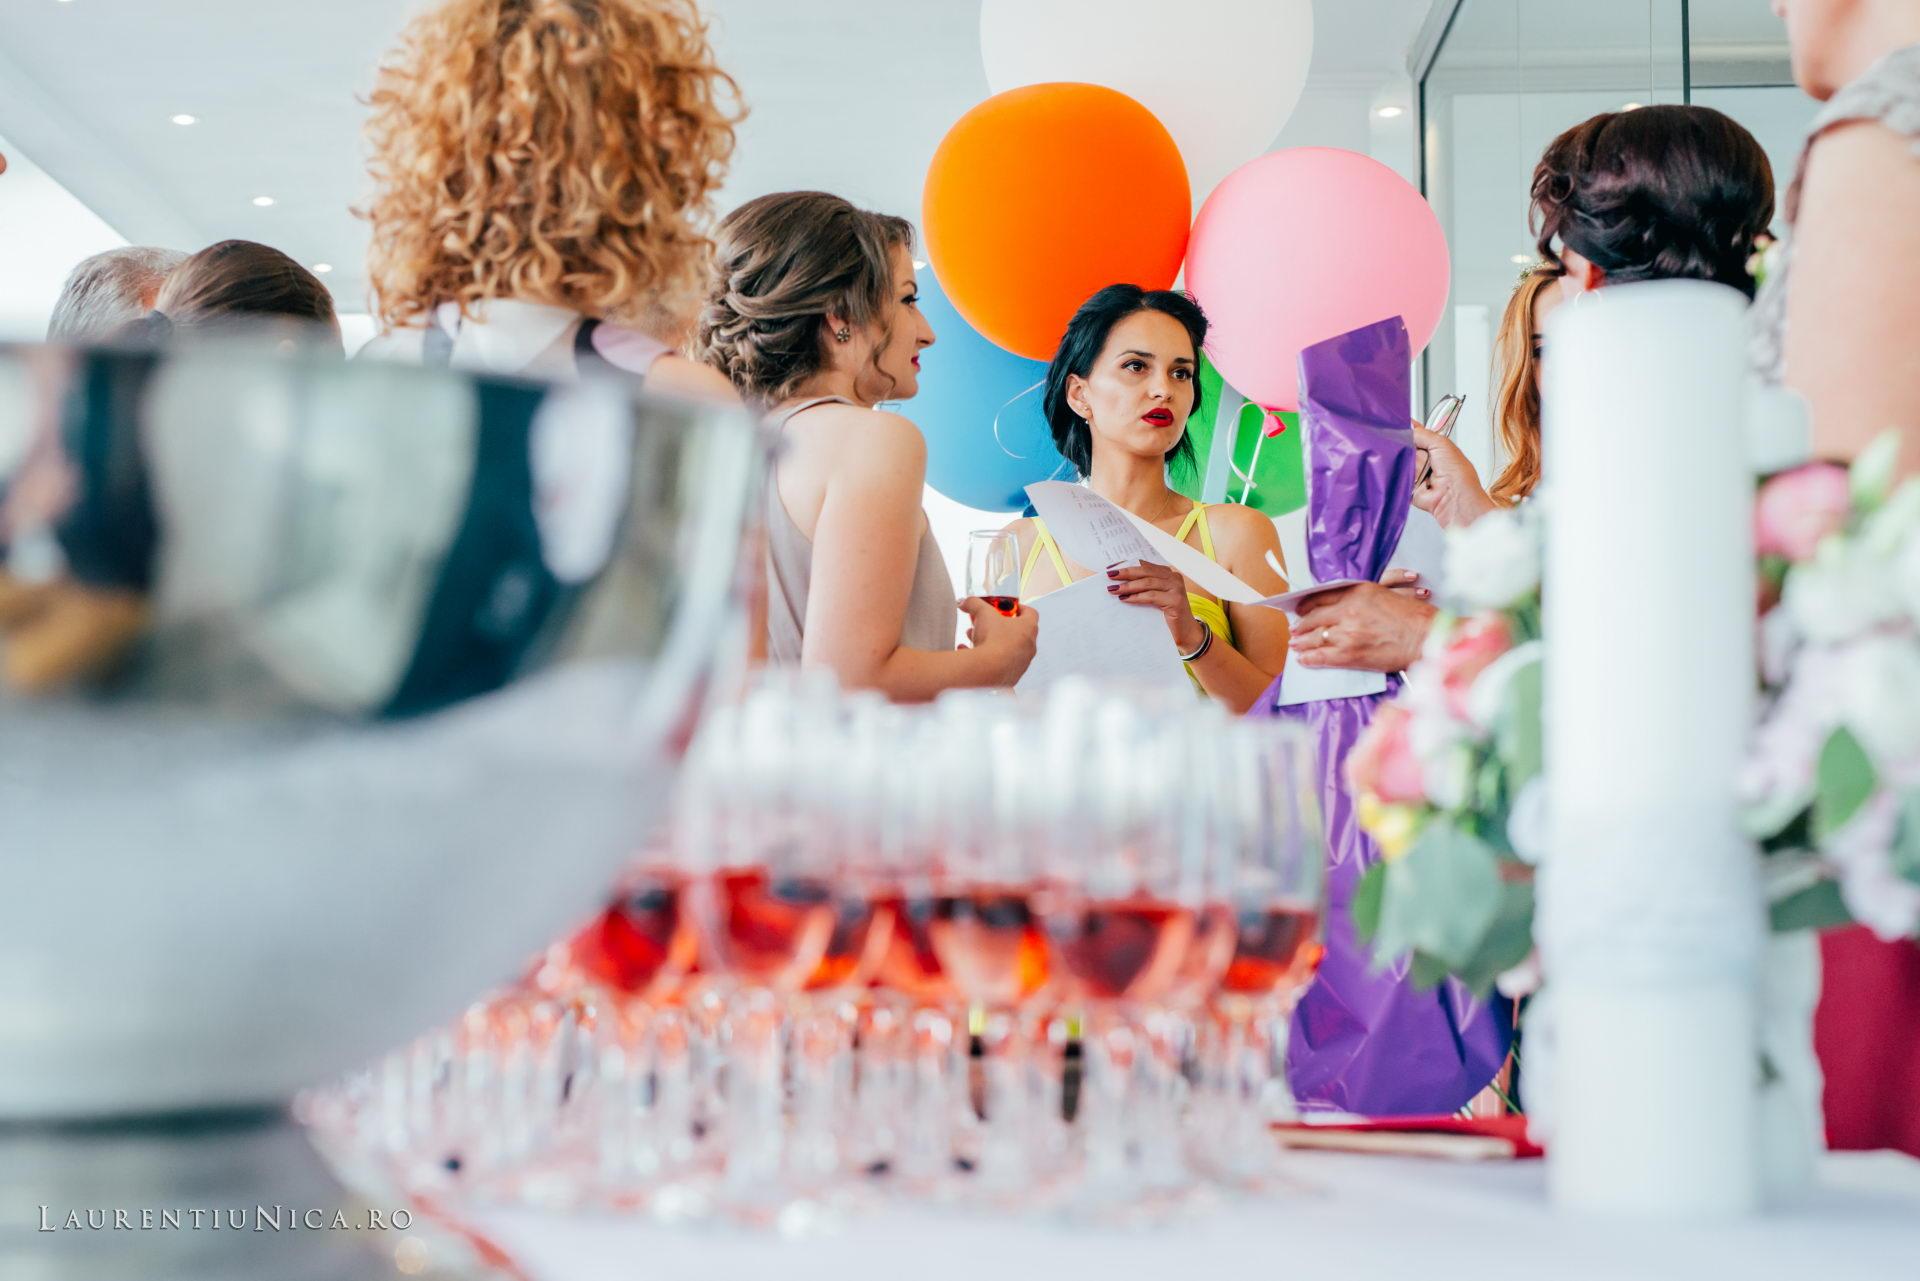 Cristina si Ovidiu nunta Craiova fotograf laurentiu nica 118 - Cristina & Ovidiu | Fotografii nunta | Craiova